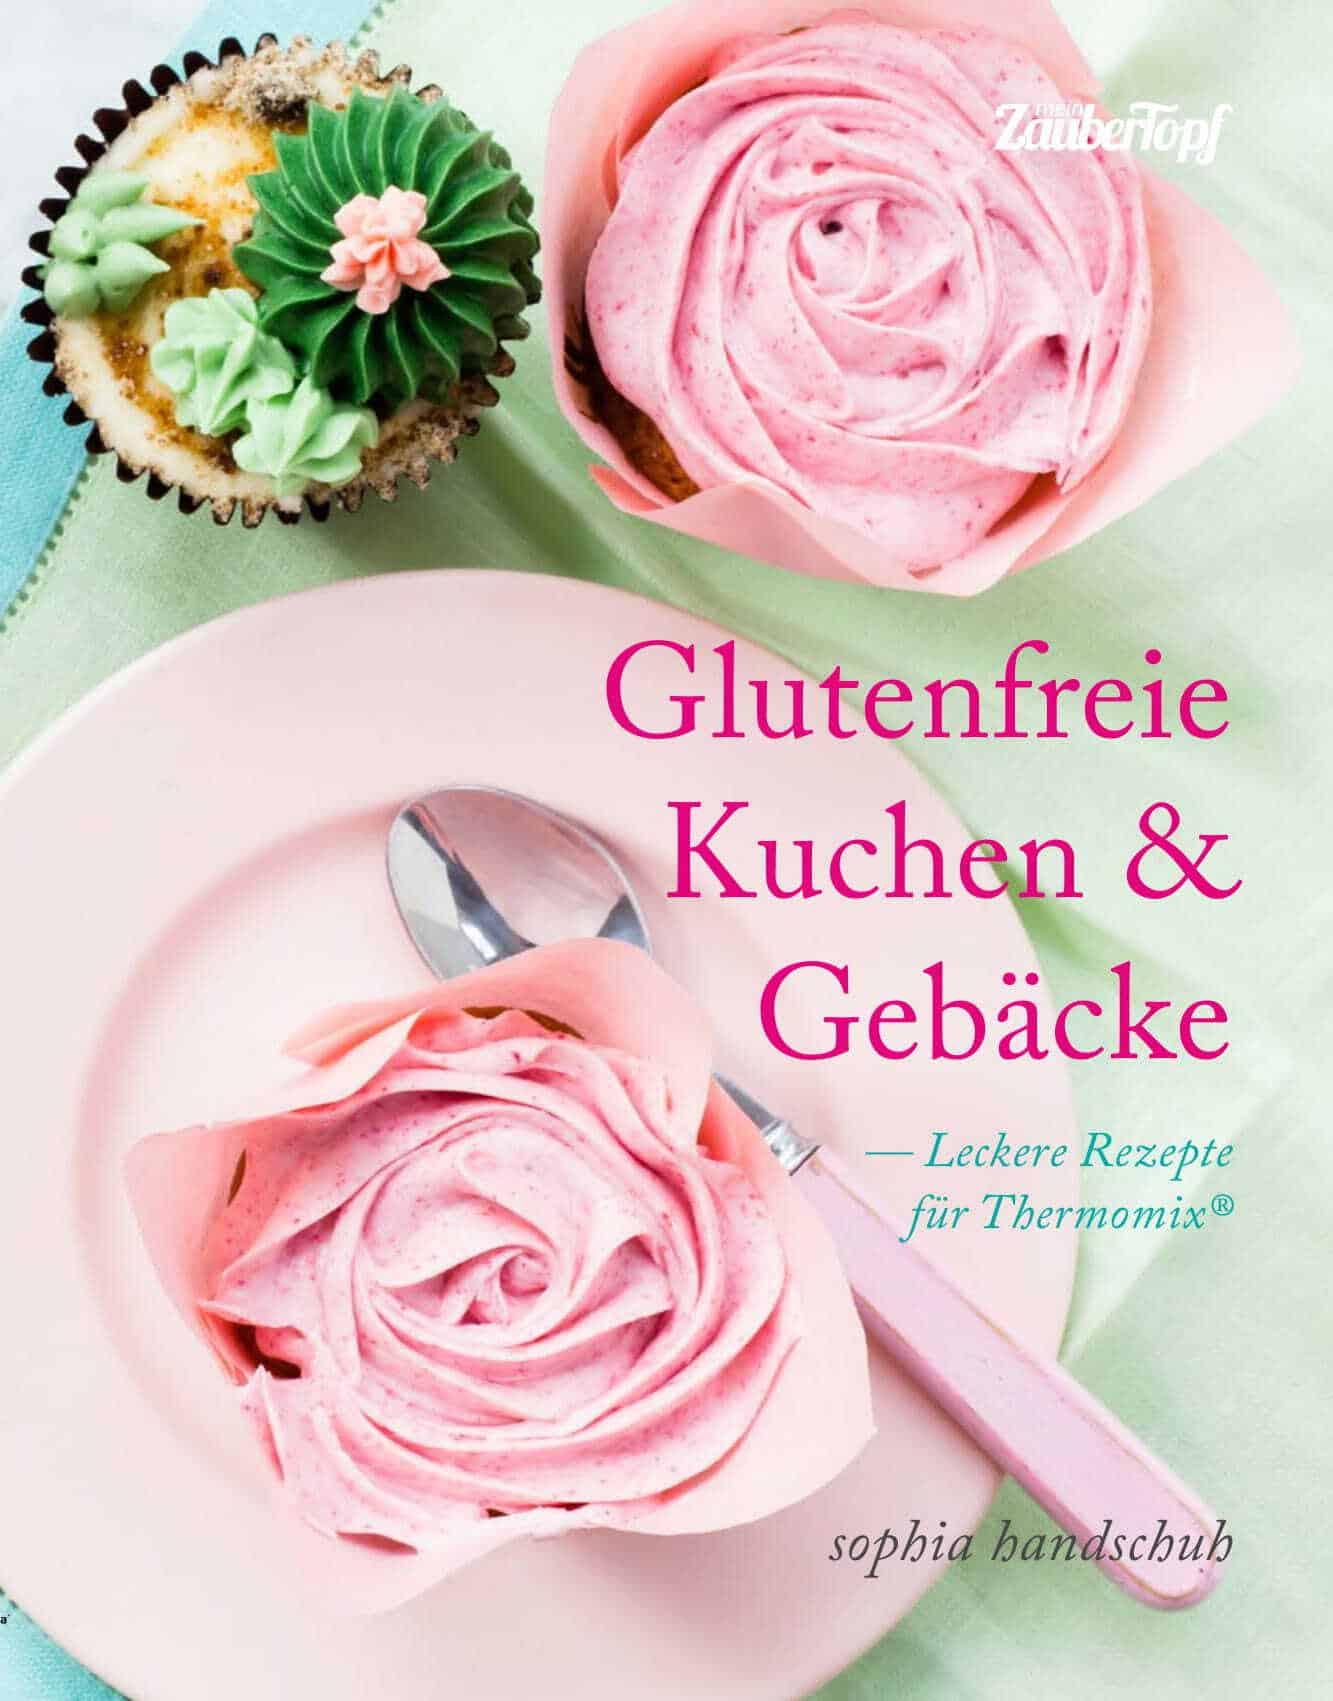 Glutenfreie Kuchen und Gebäcke –Foto: Sophia Handschuh